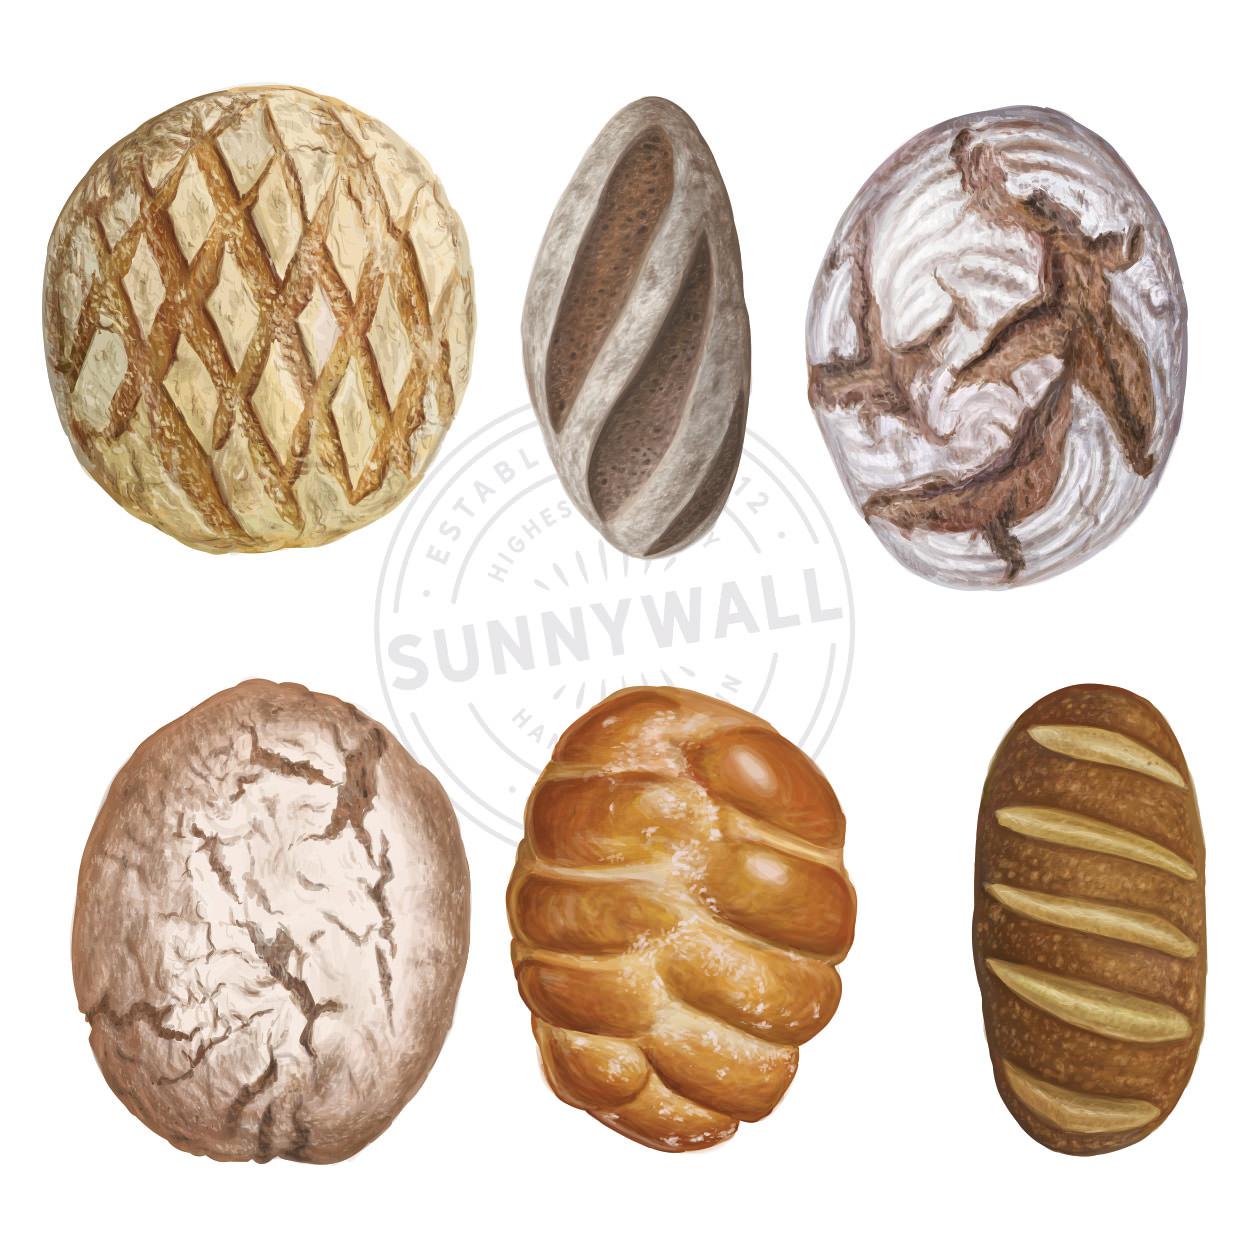 Wandtattoo Aufkleber Wandsticker Kuche Genuss 6 Motive Backwaren Brot Sunnywall